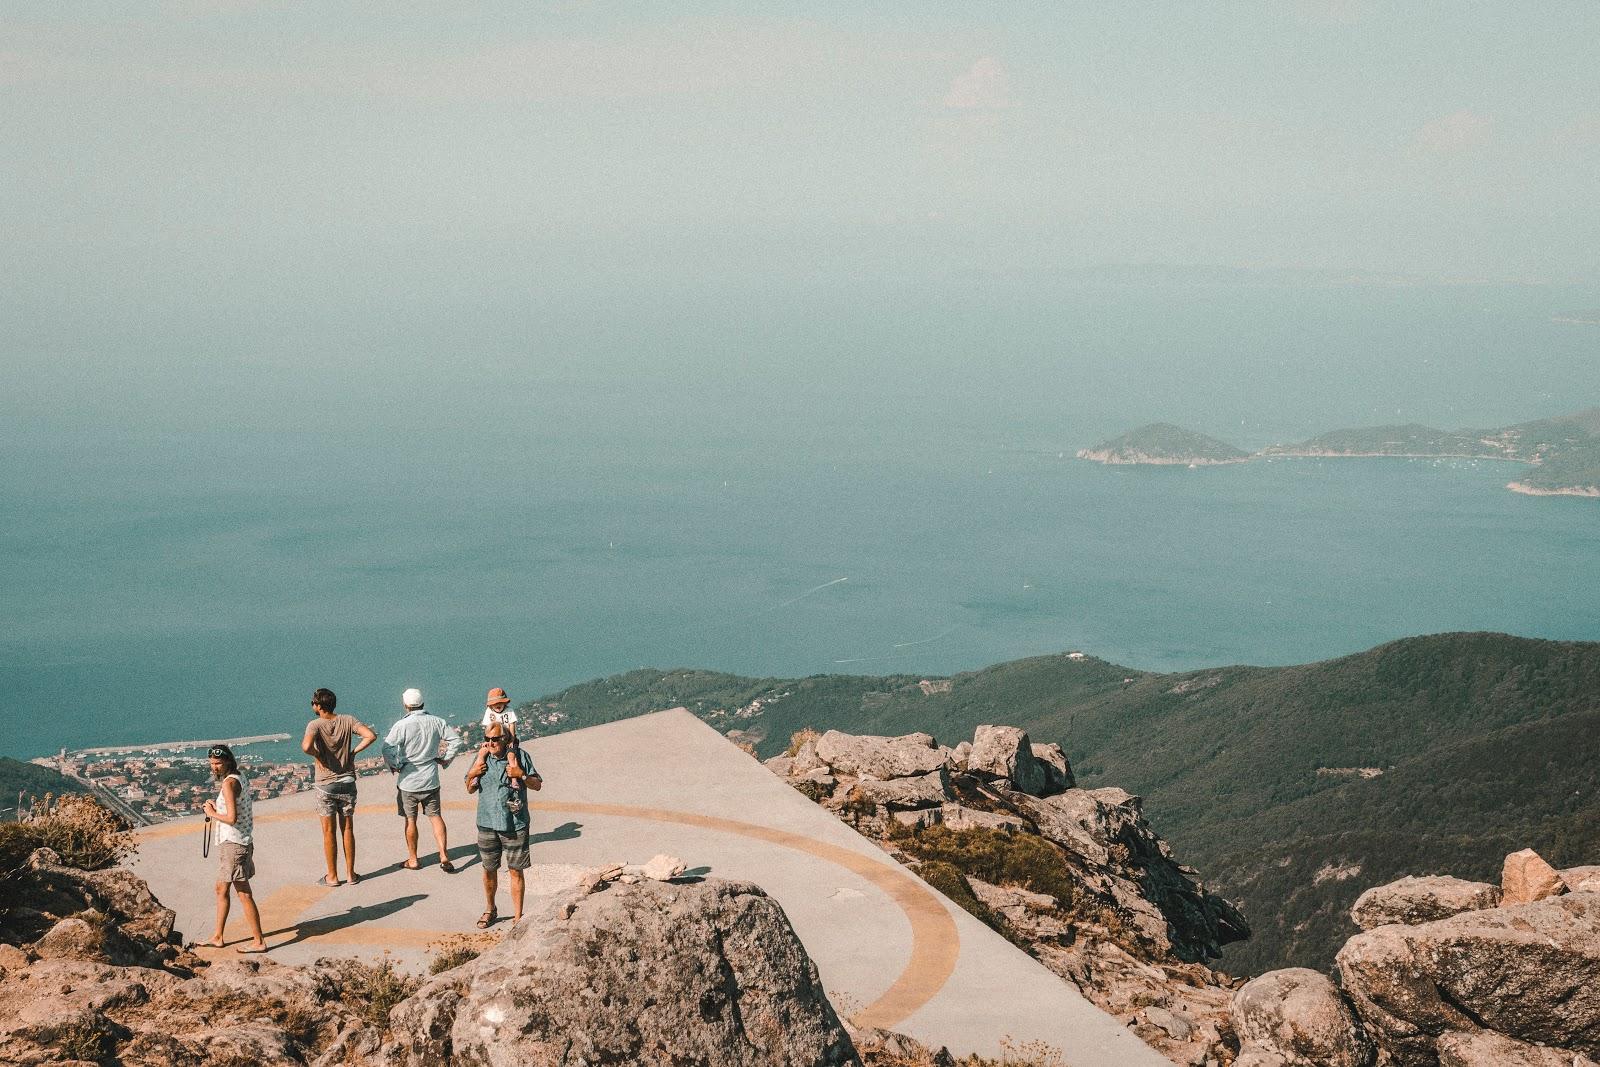 Elba - Ontdek de Toscaanse eilanden